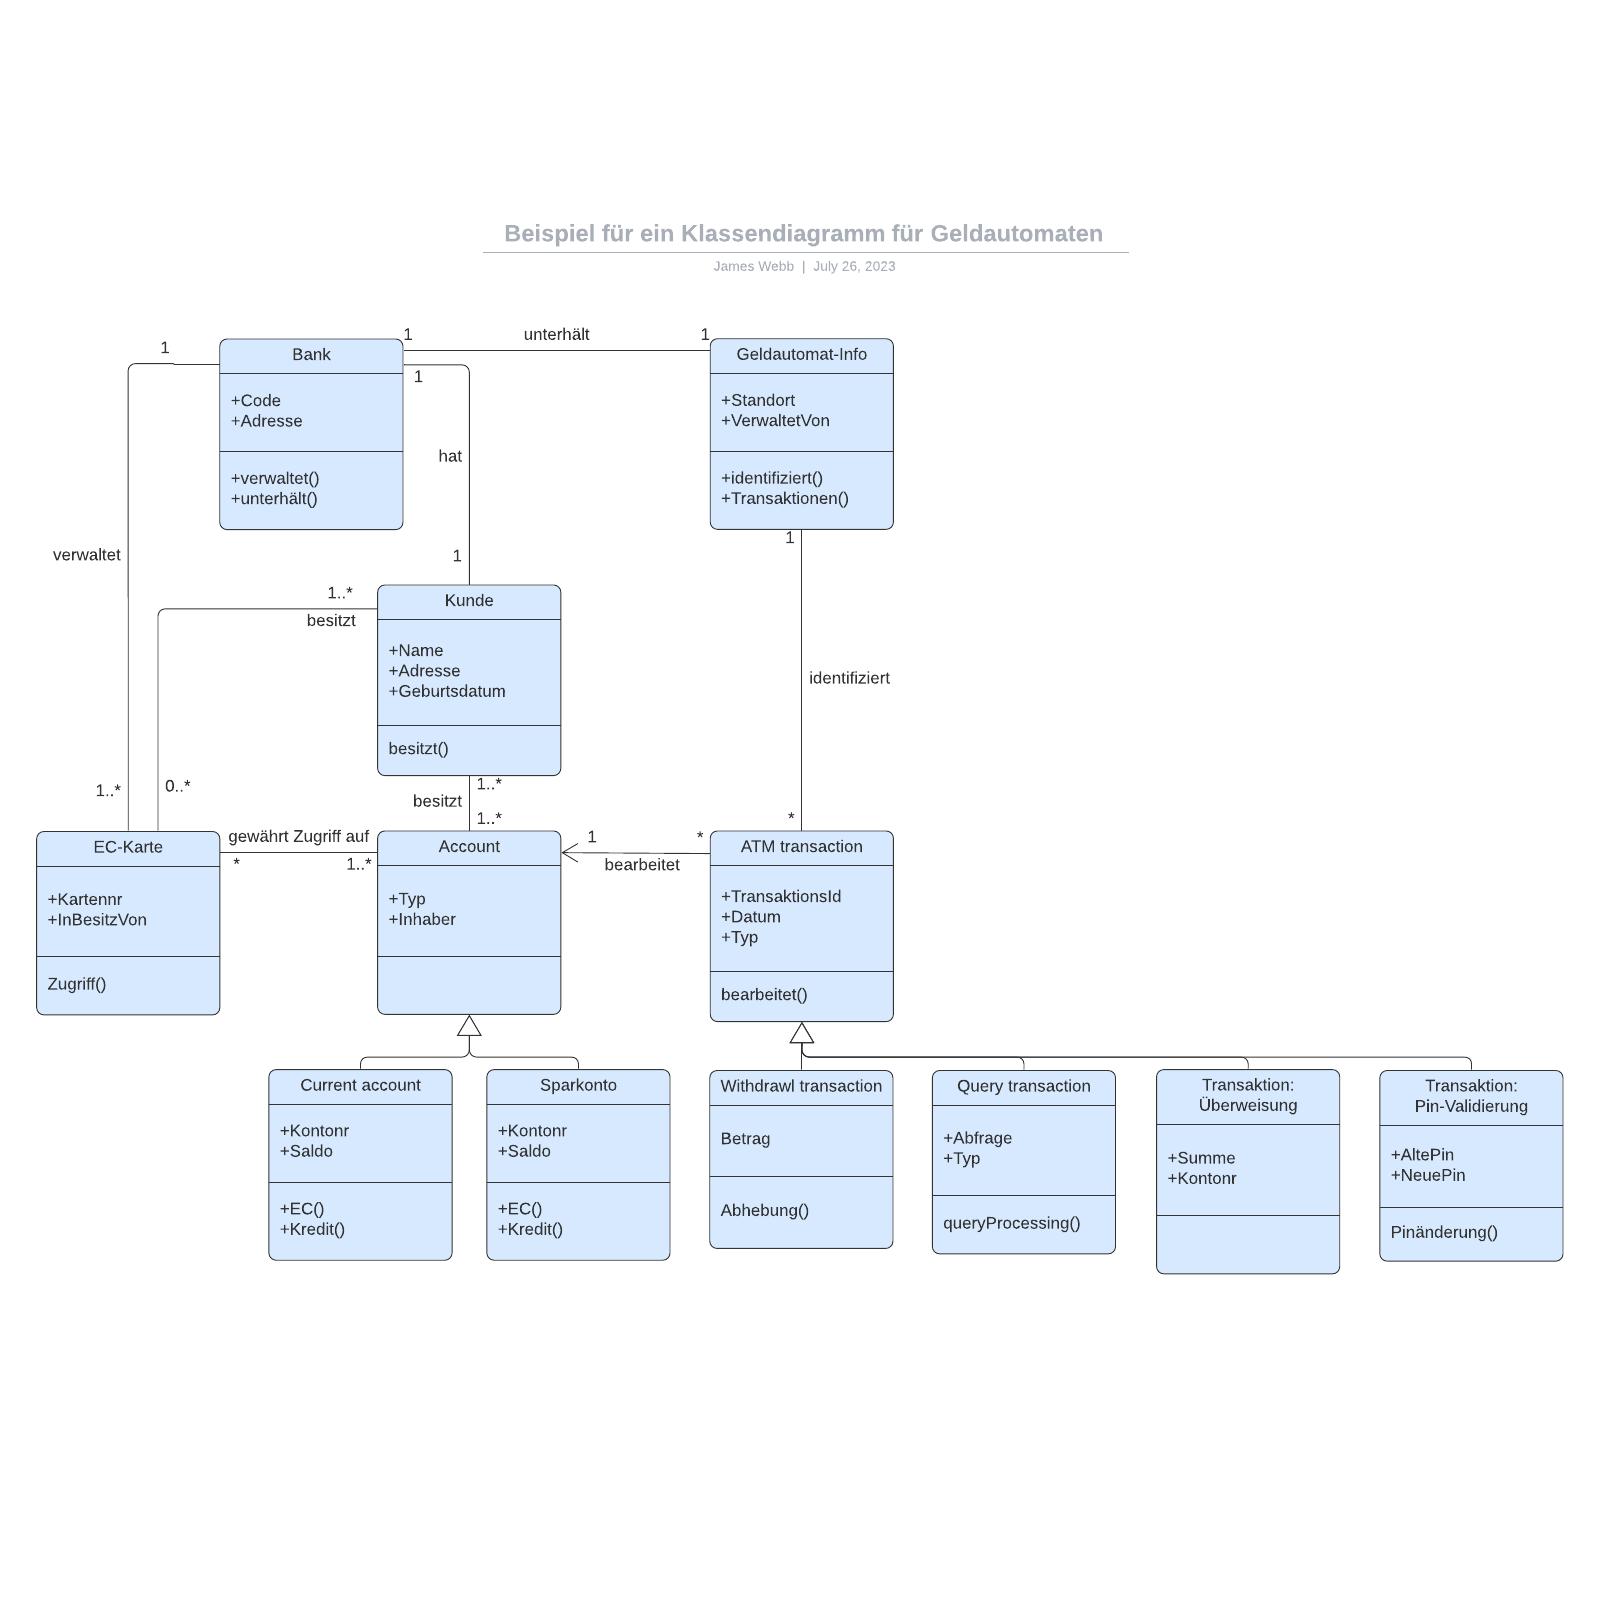 Geldautomaten Klassendiagramm Beispiel